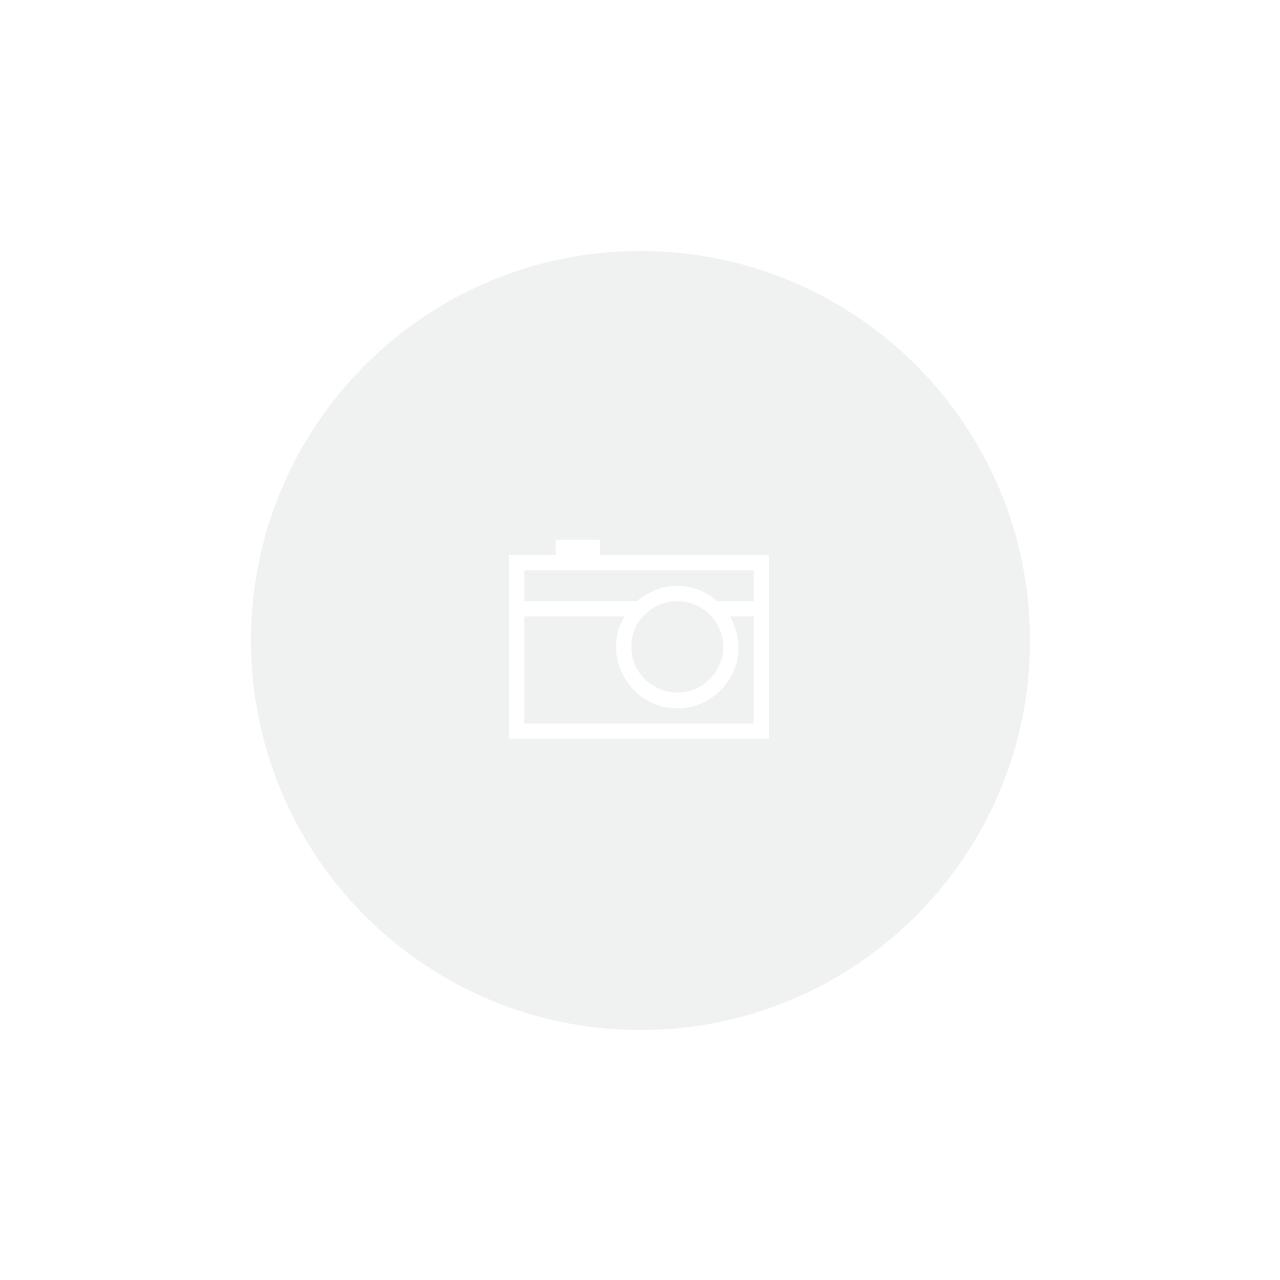 Fardamento Dresch Completo 10  23199cb645951